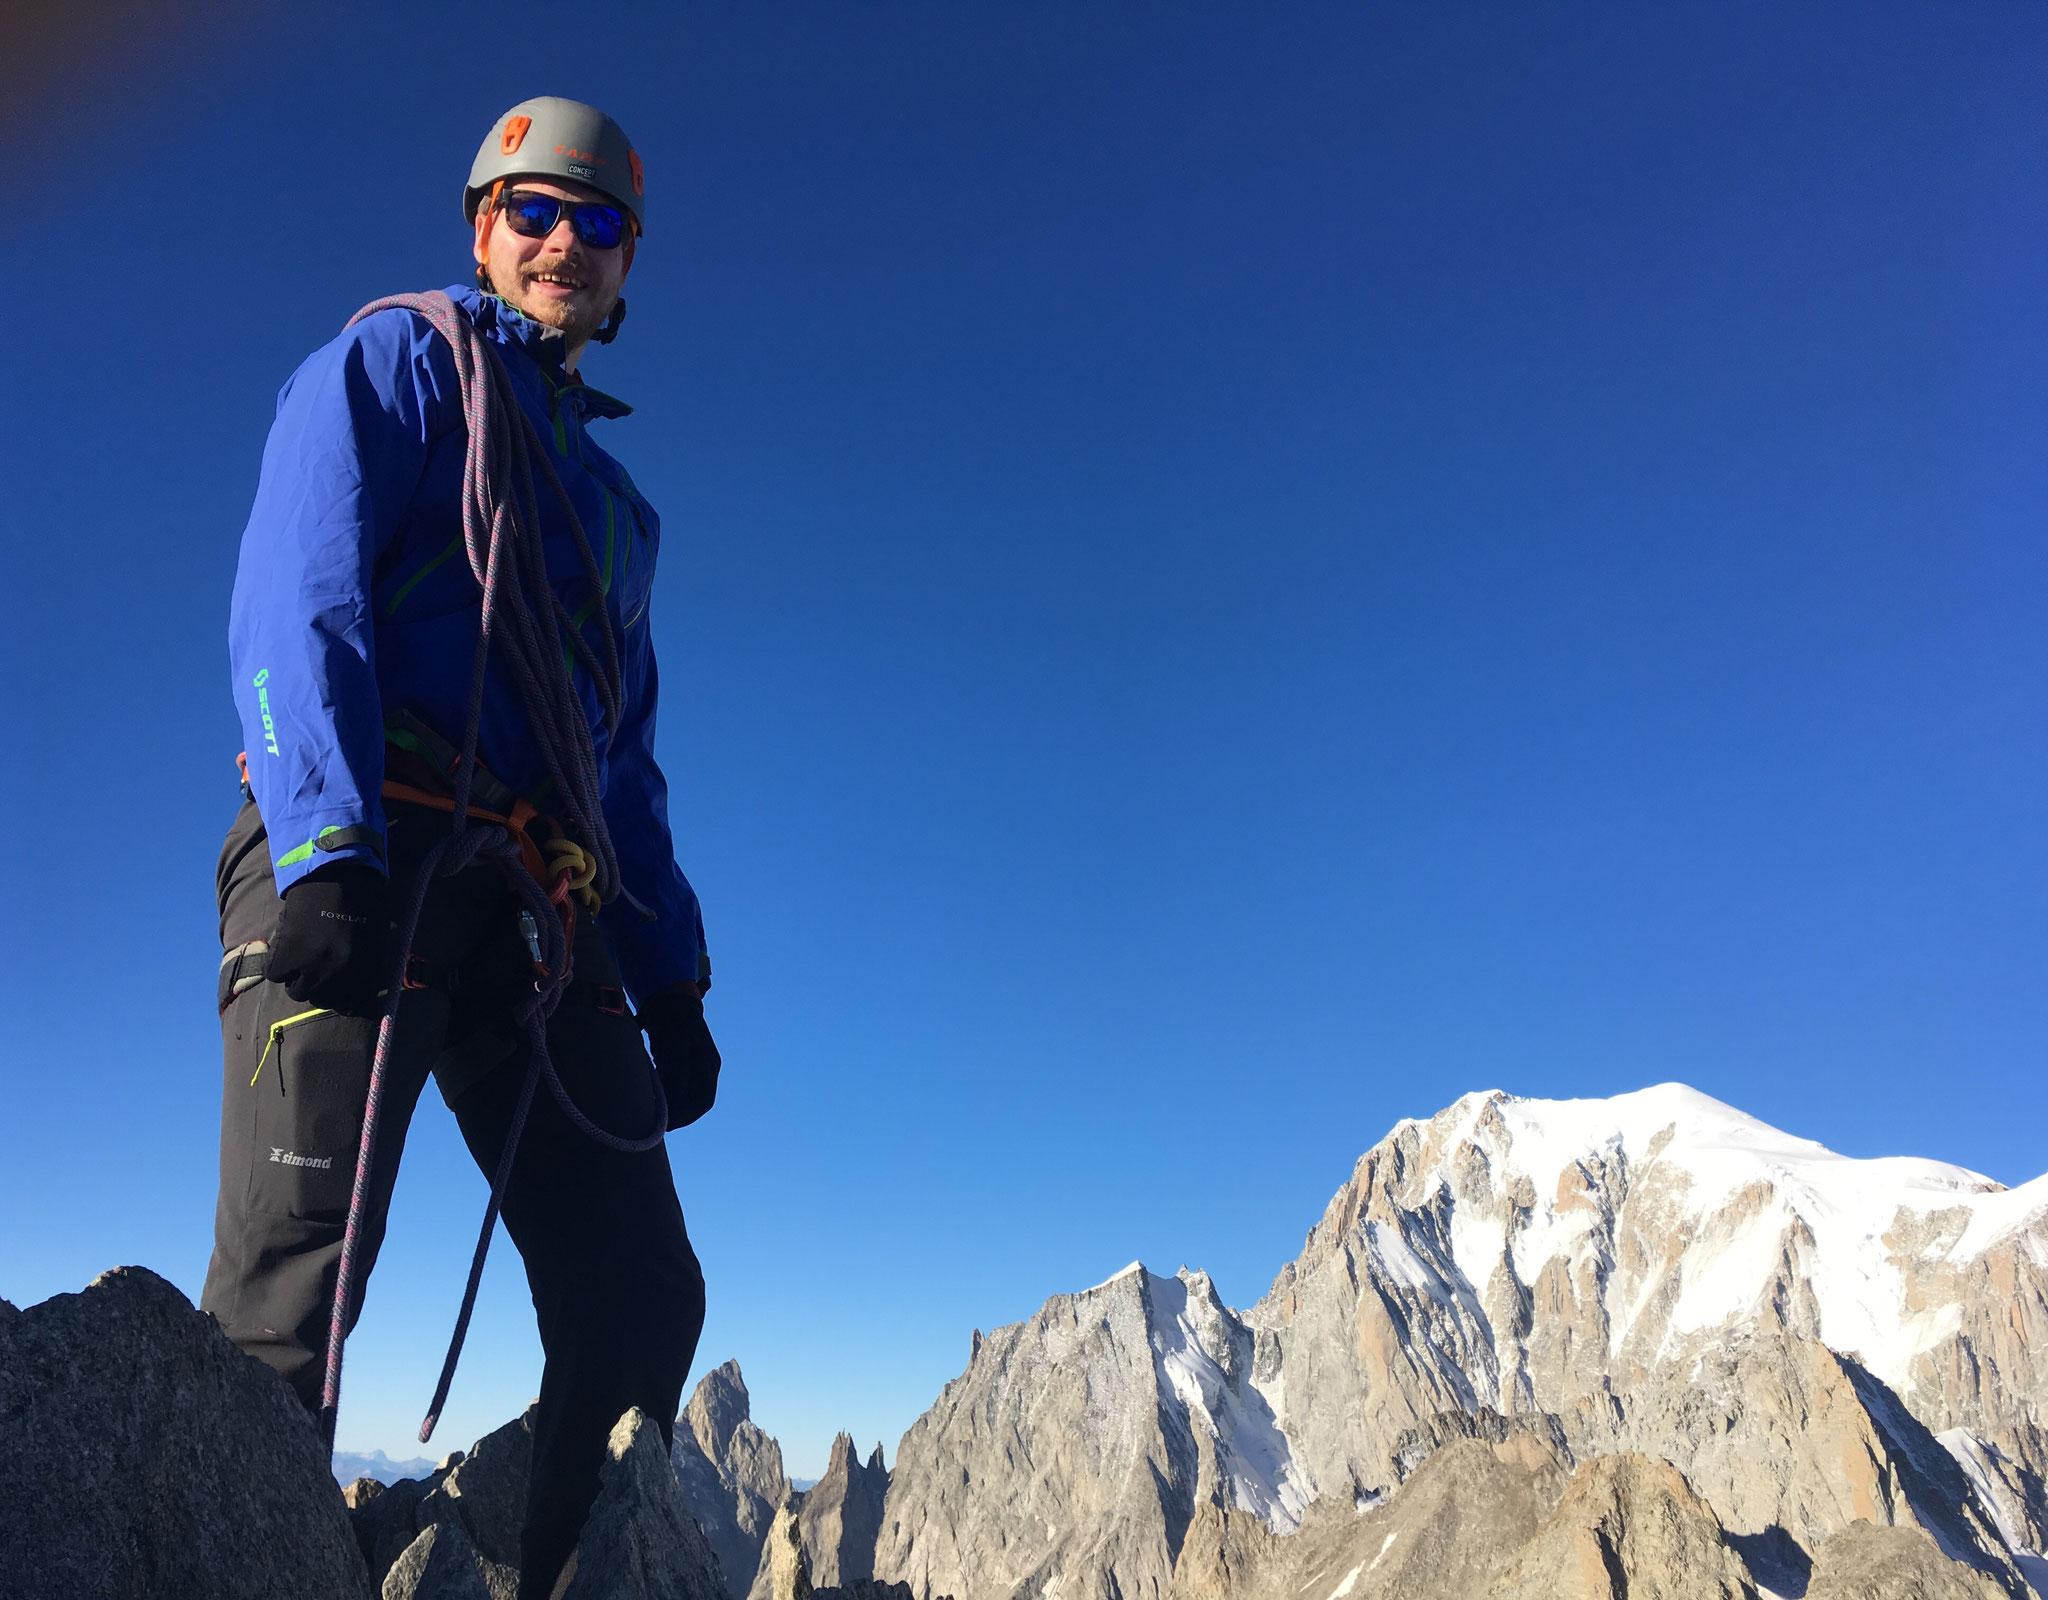 Sam au sommet avec le Roi Mont-Blanc plein cadre